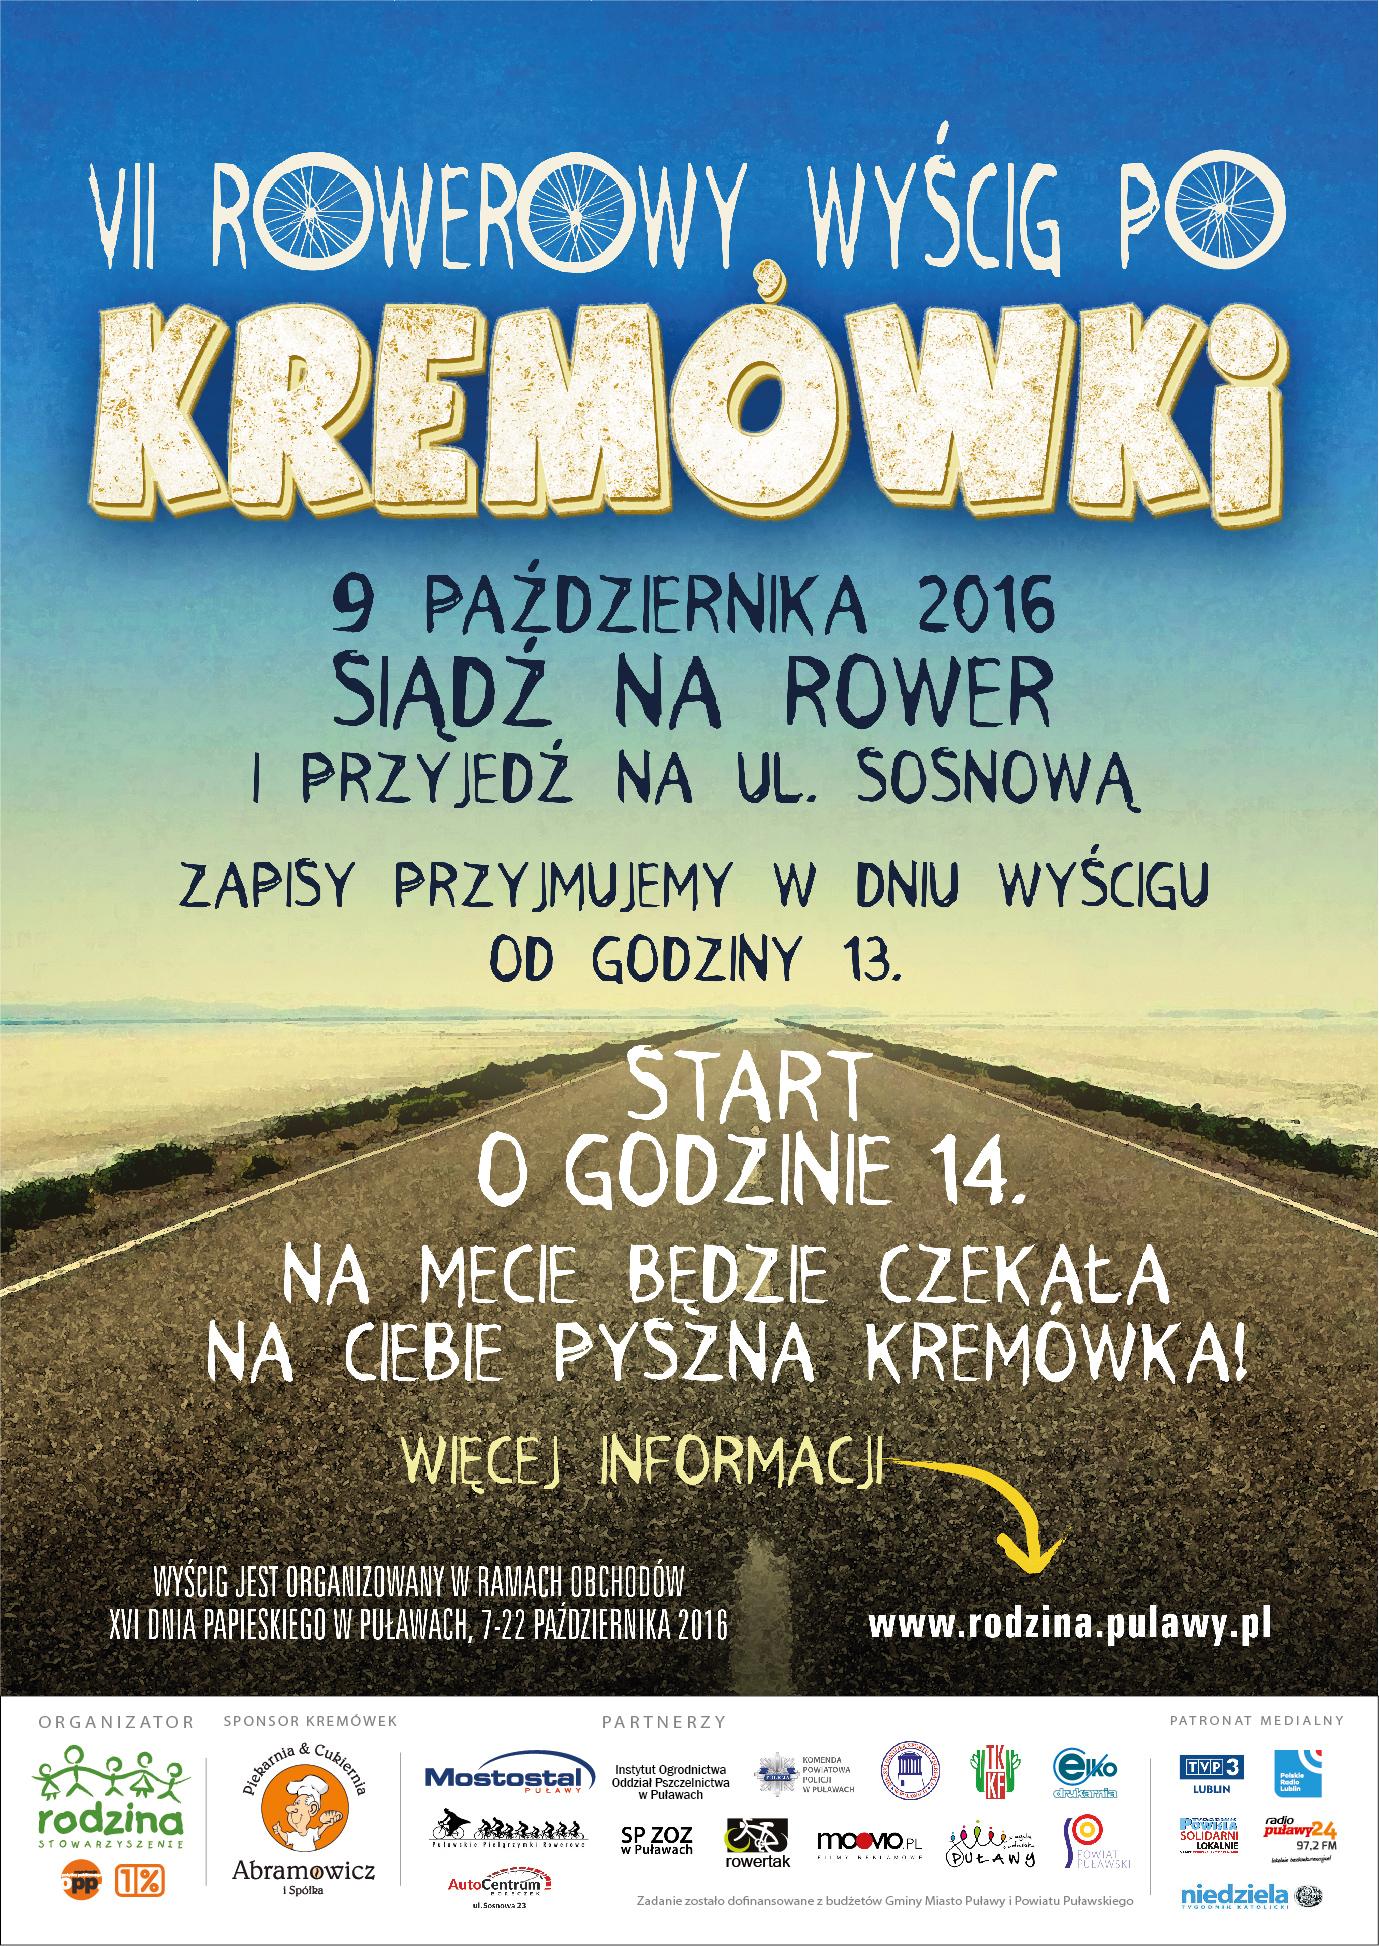 wyscig-po-kremowki-2016-plakat